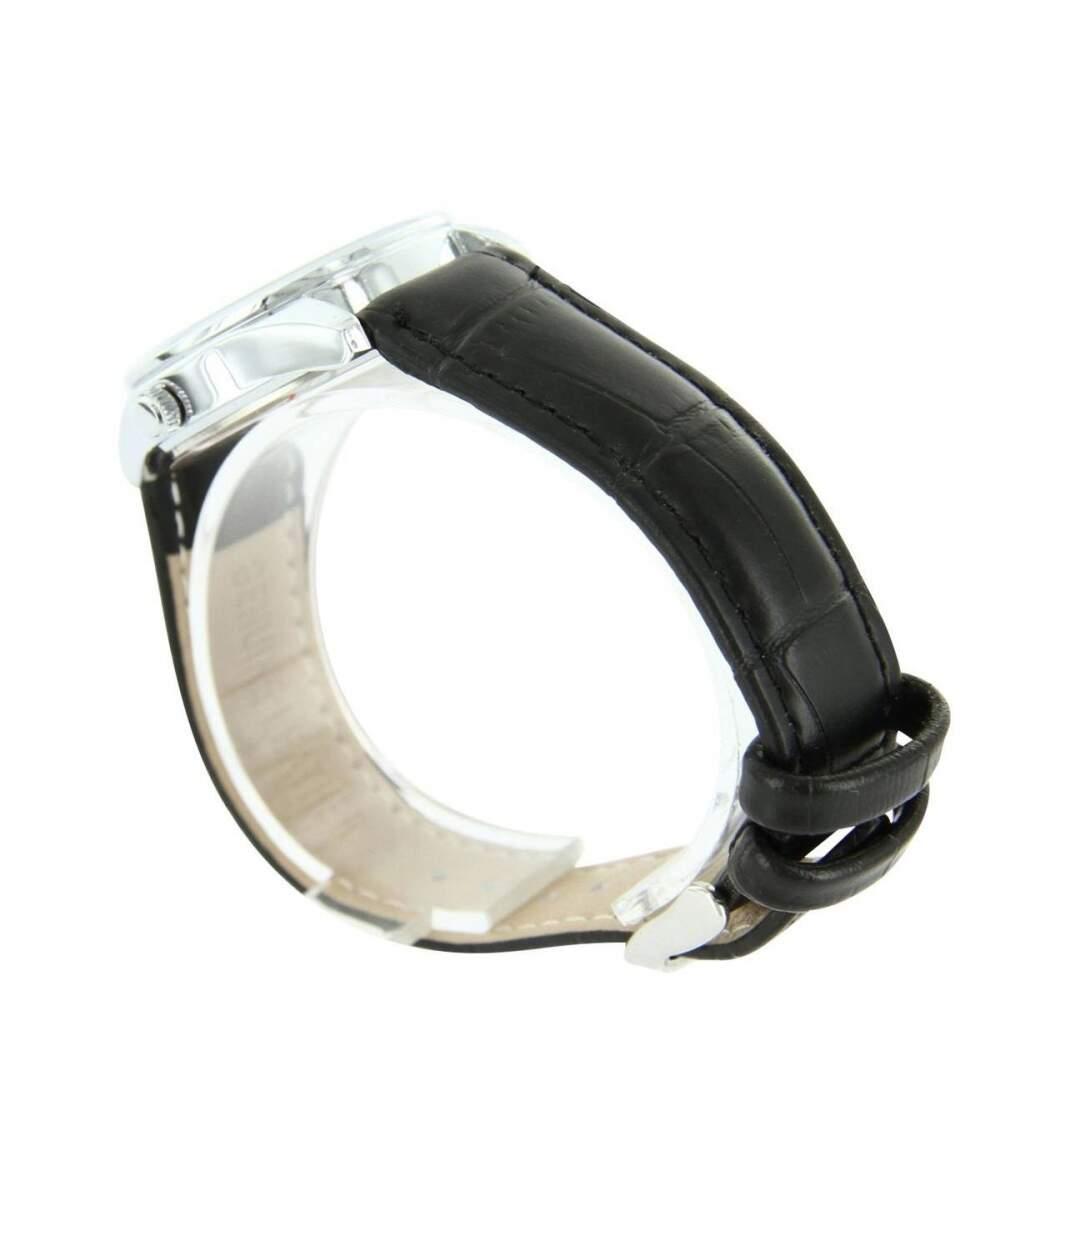 Dégagement Montre Femme WAVE bracelet Cuir Noir dsf.d455nksdKLFHG